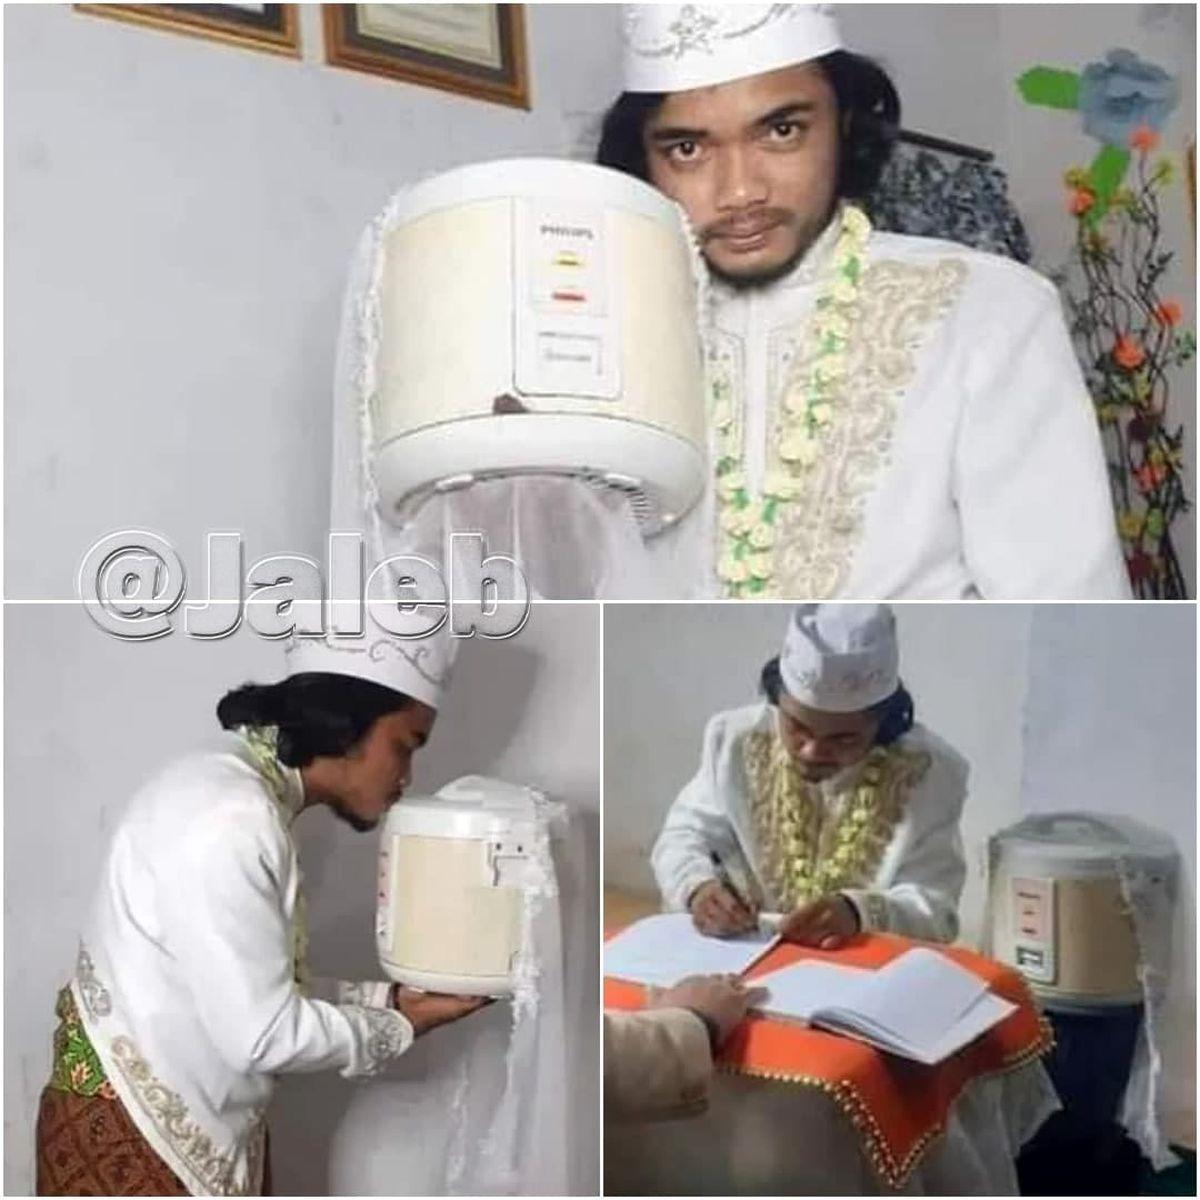 ازدواج عجیب مرد اندونزیایی با پلوپزش  +عکس